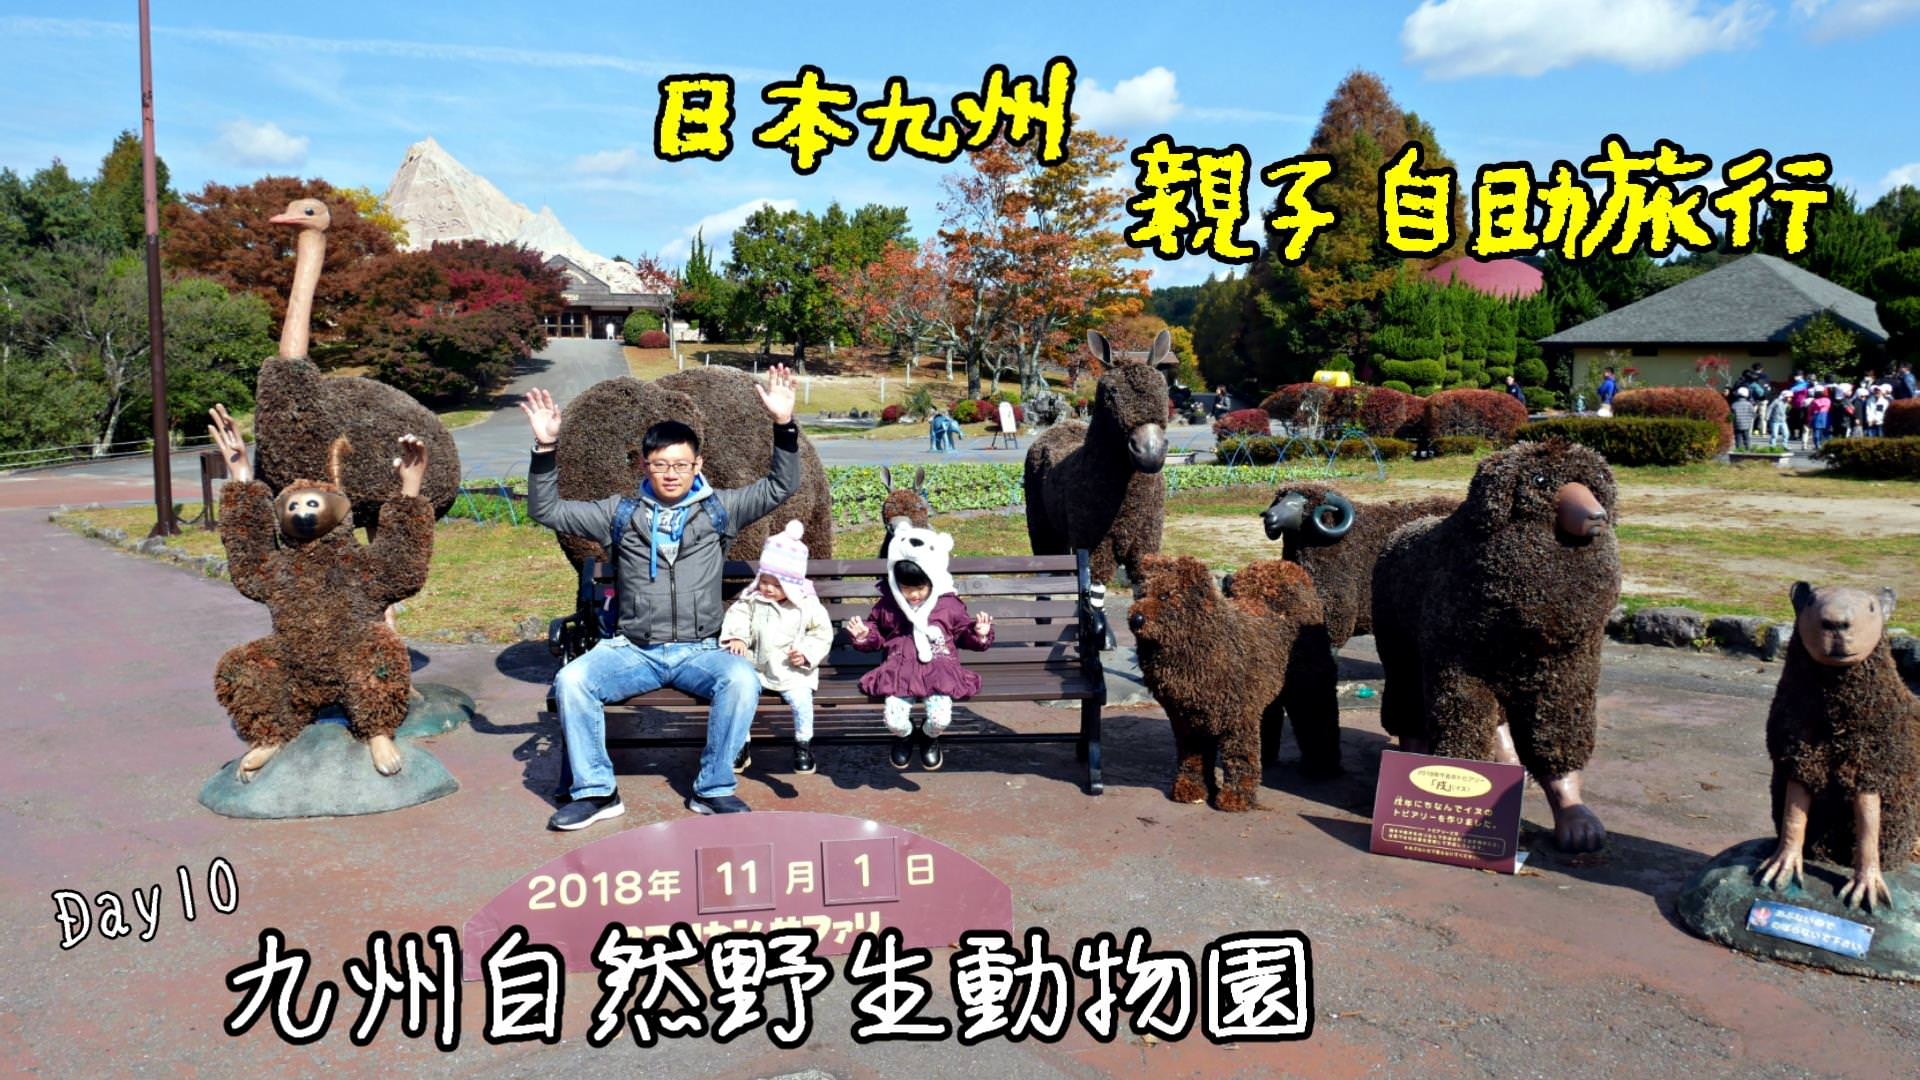 [景點]日本九州親子旅遊超推薦 九州自然野生動物園 全中文解說的叢林巴士